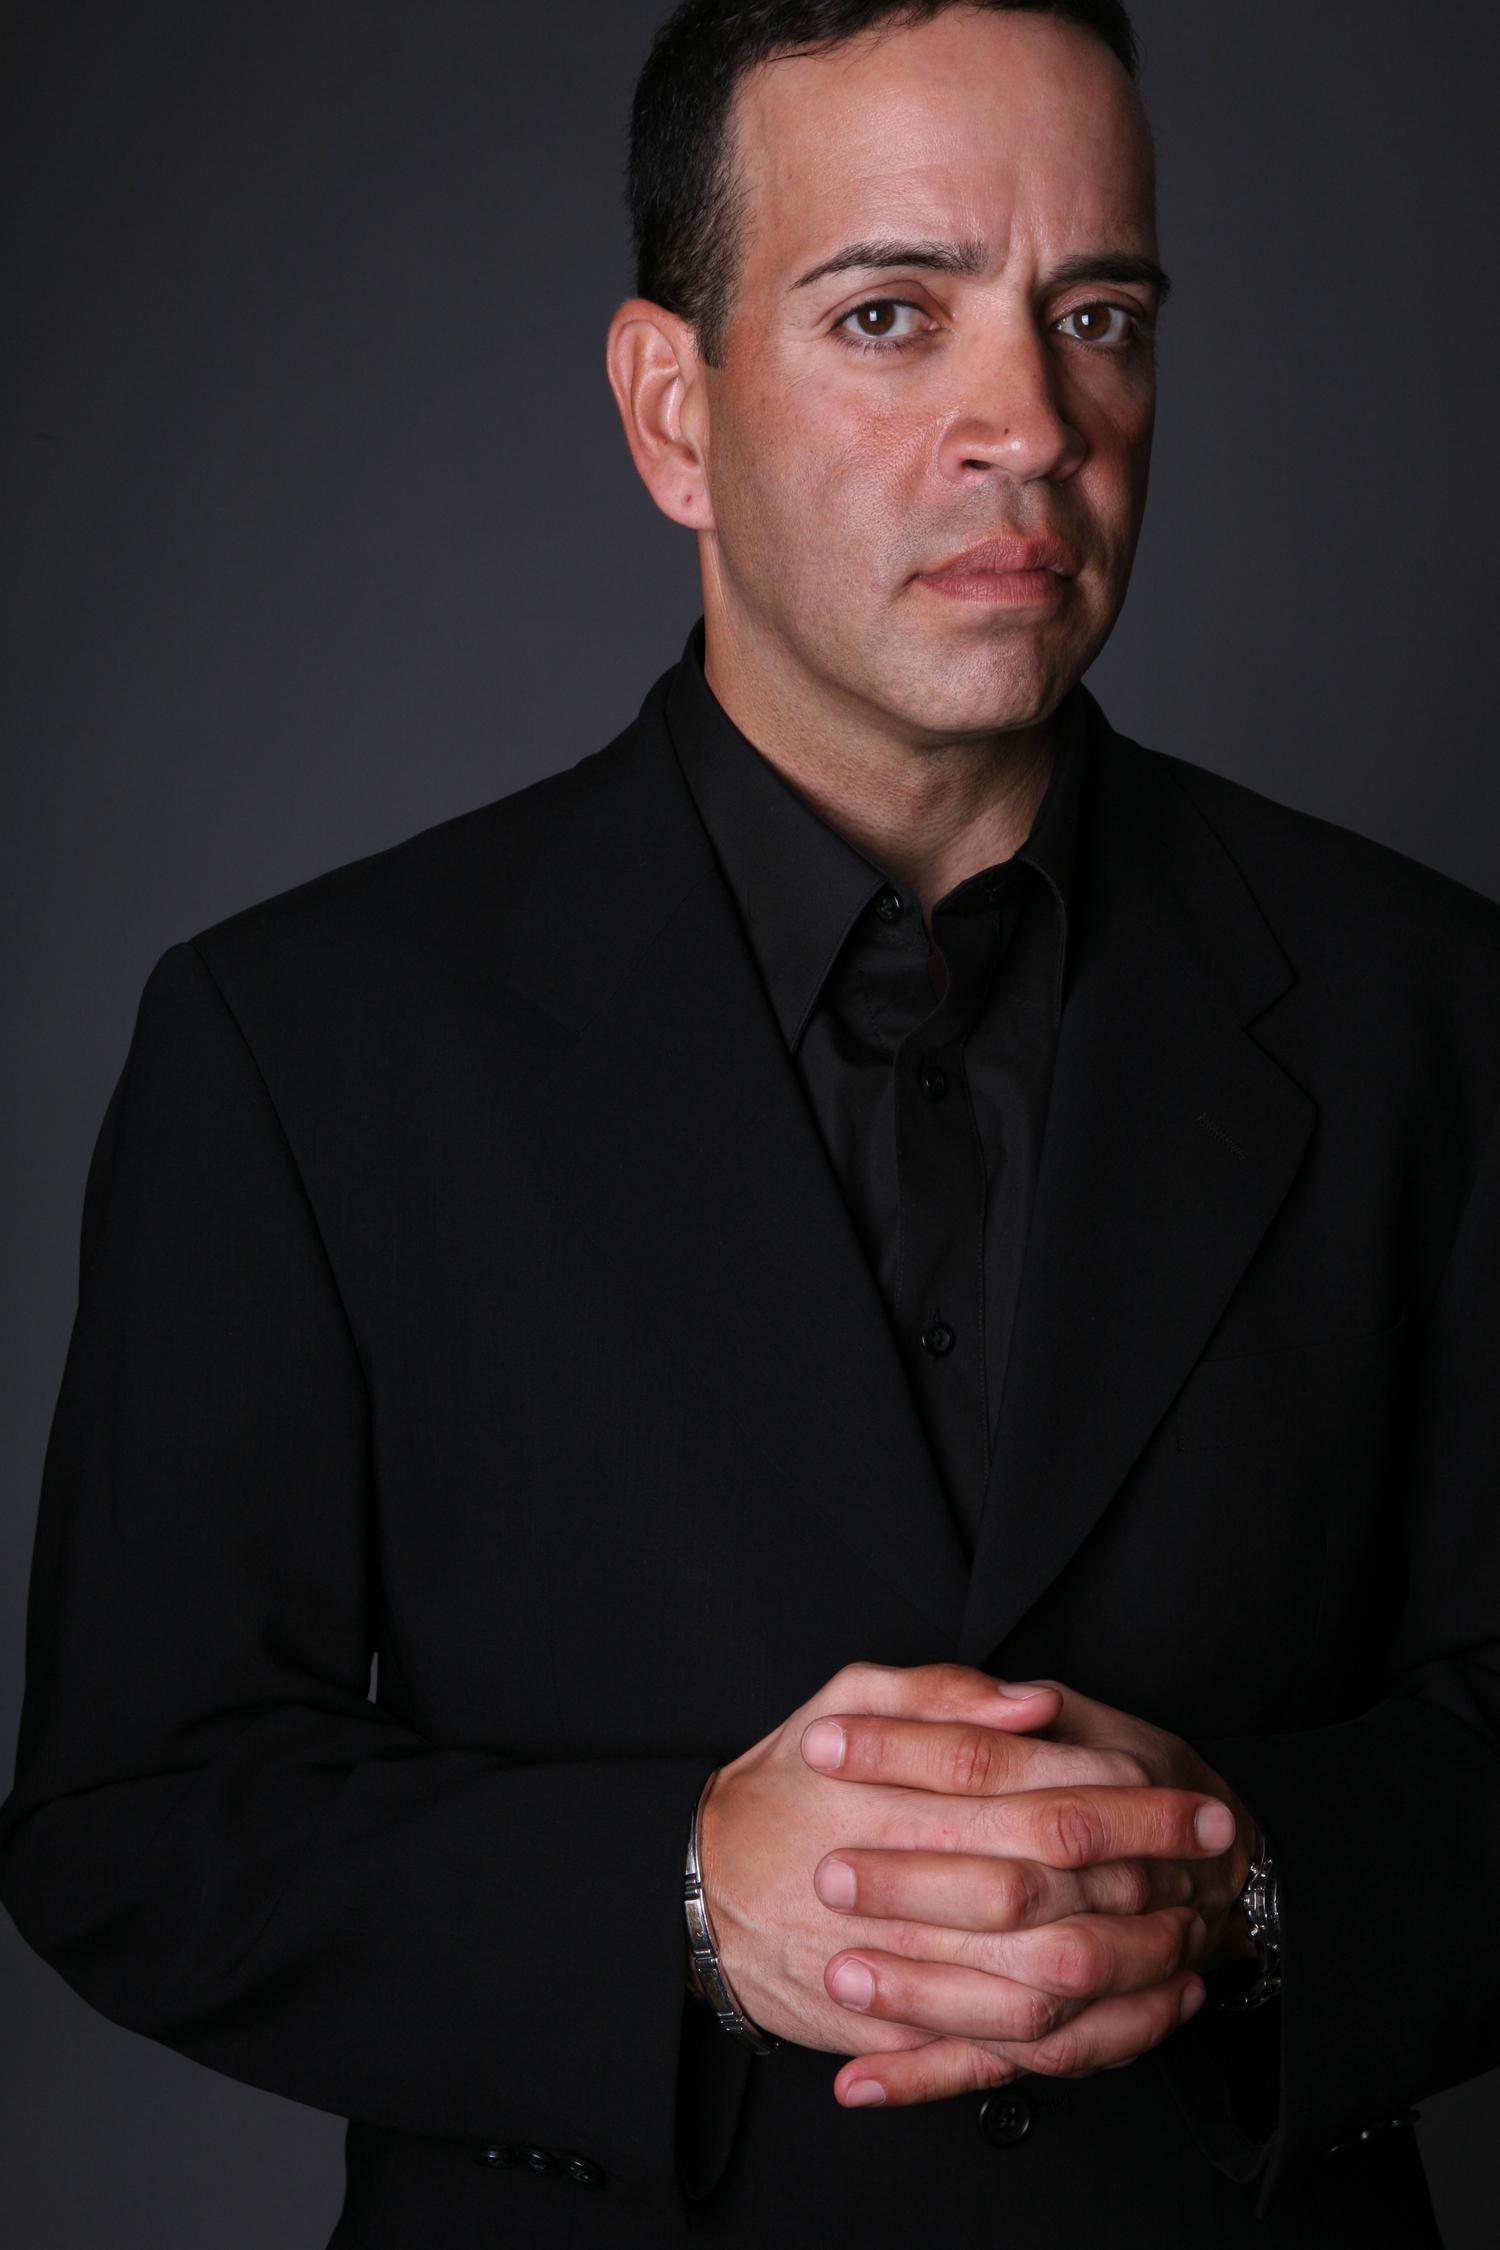 Luis Antonio Ramos's primary photo